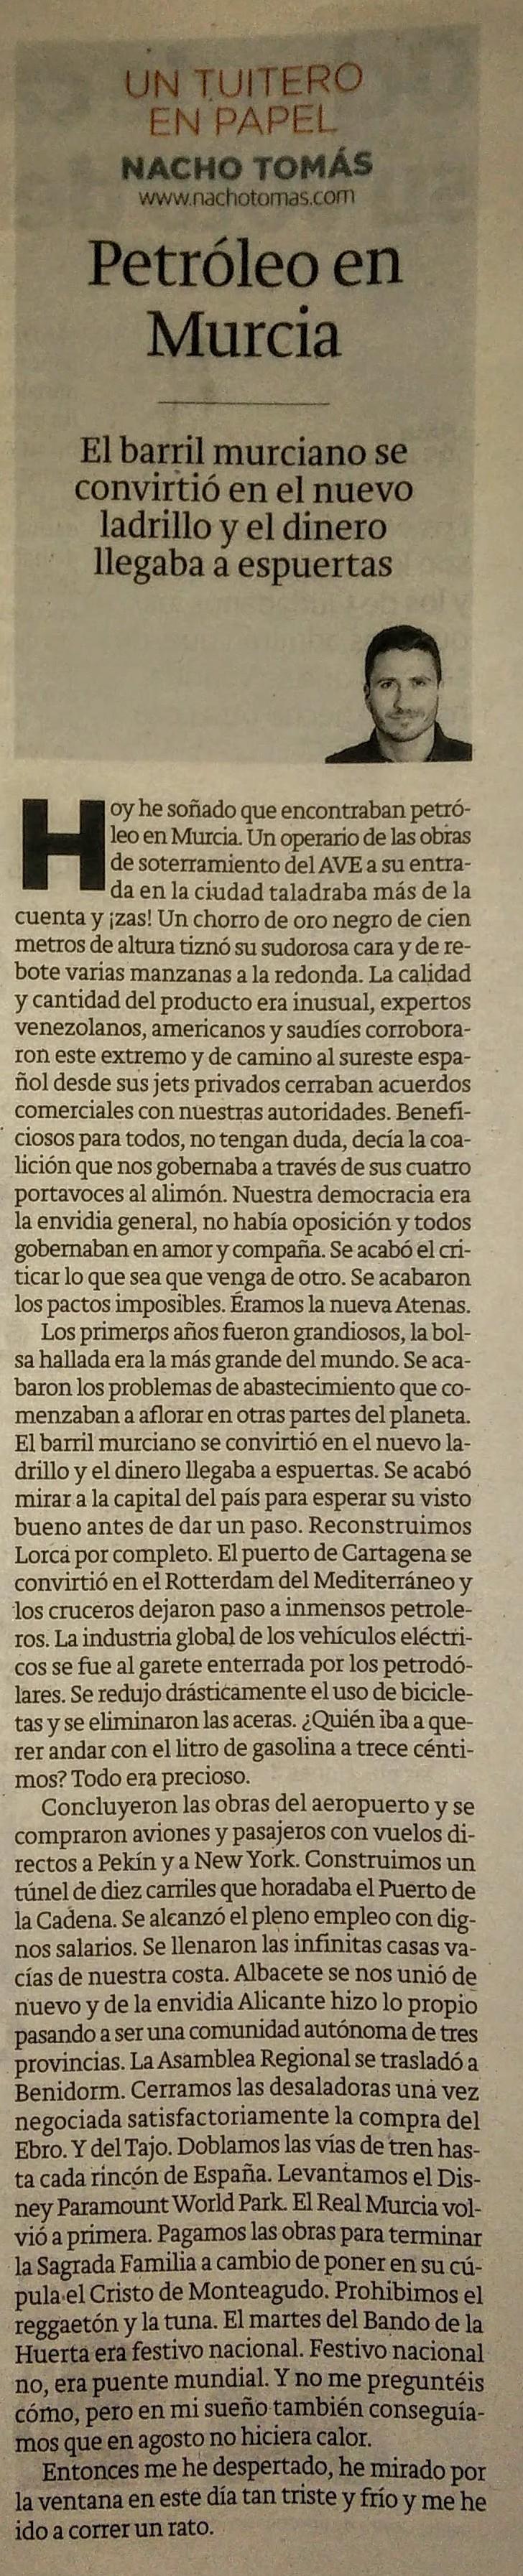 04.05.16 Petróleo en Murcia - Nacho Tomás - Un tuitero en papel - La Verdad de Murcia